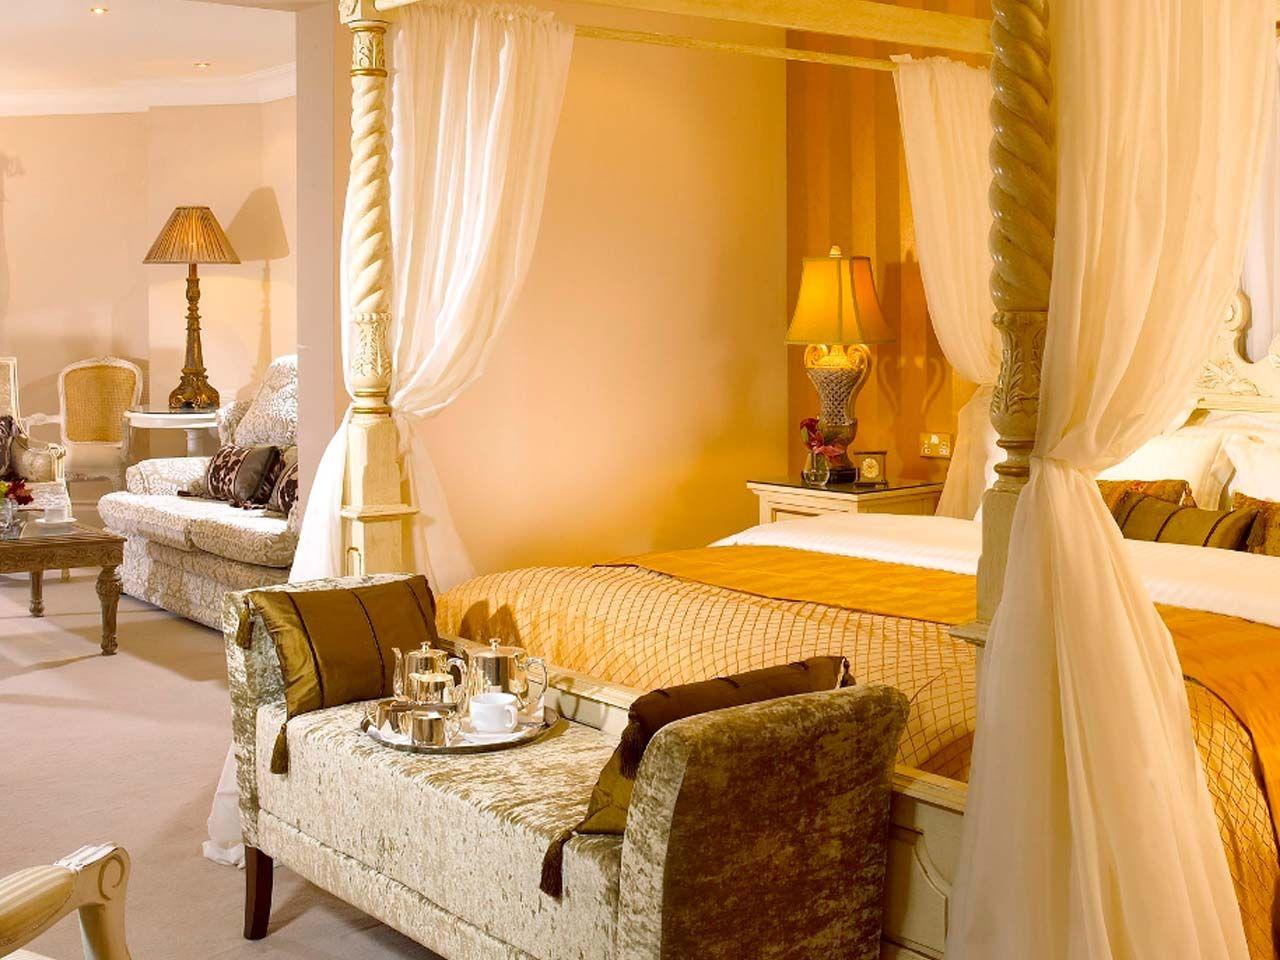 Hotels in Killarney   5 Star Hotels Killarney   Muckross Park Hotel